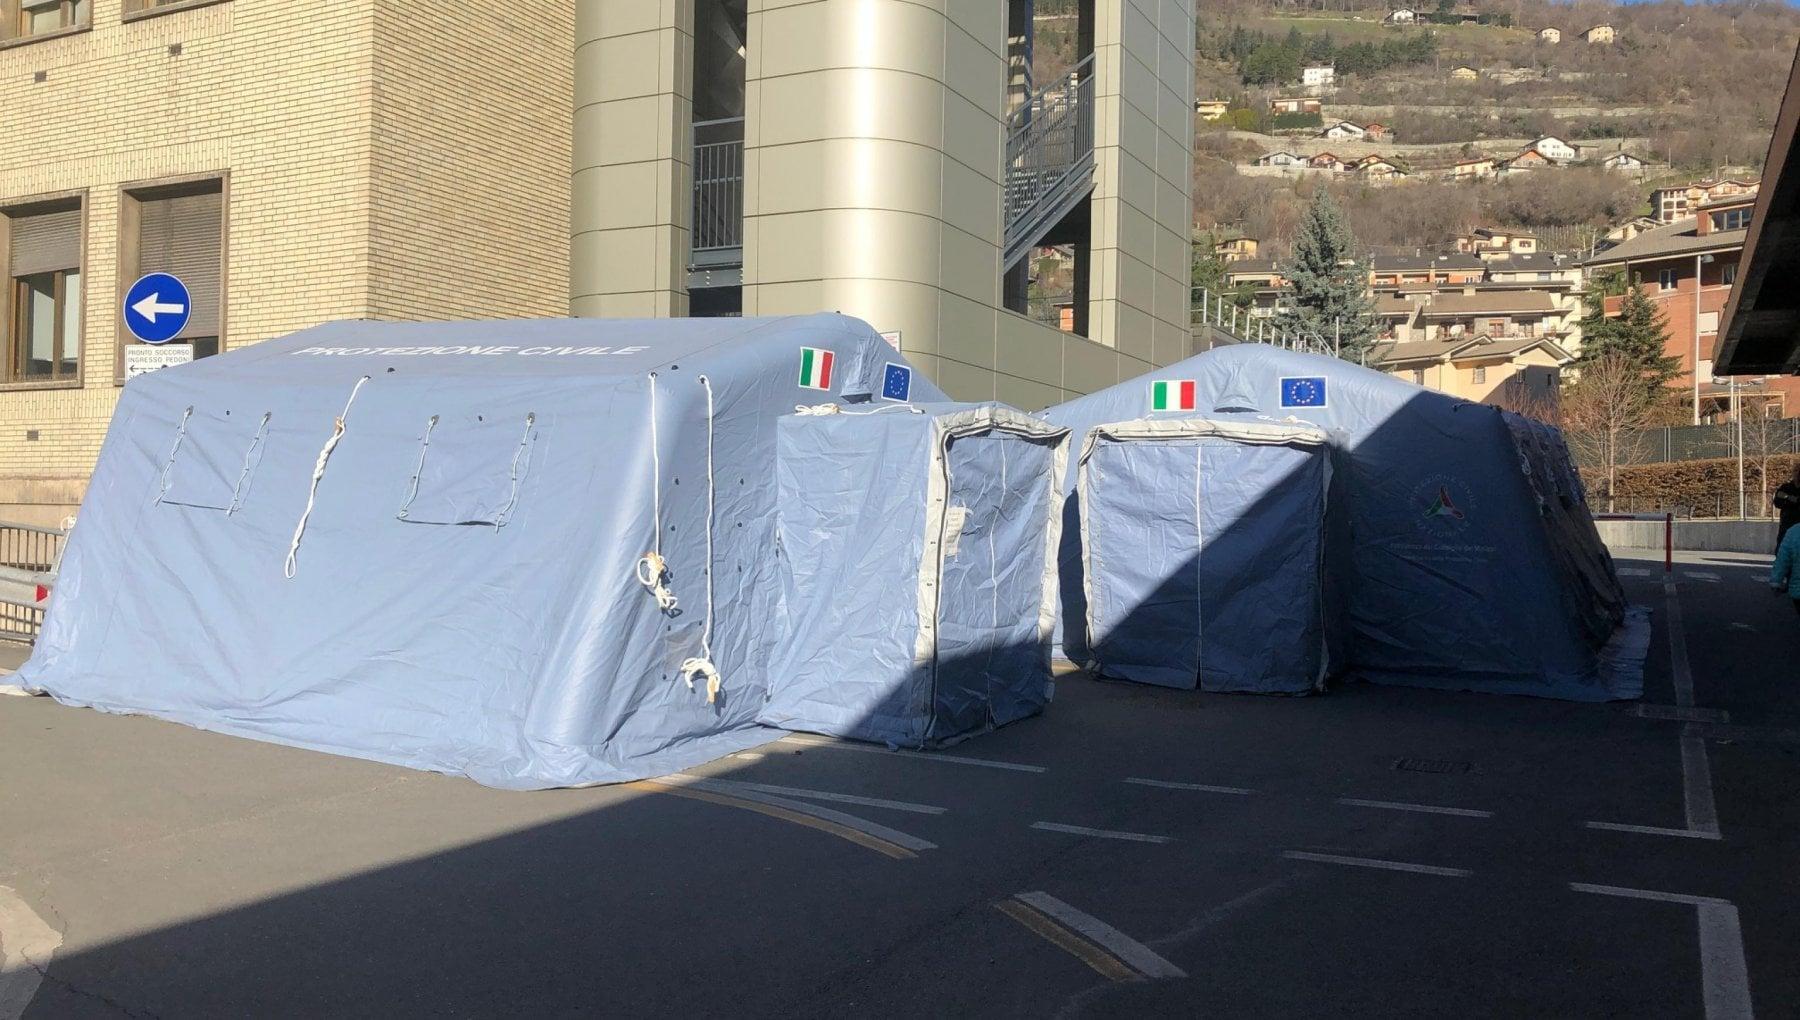 Boom di falsi positivi ad Aosta pazienti sani ricoverati nei reparti Covid e ora ce il rischio che siano contagiati